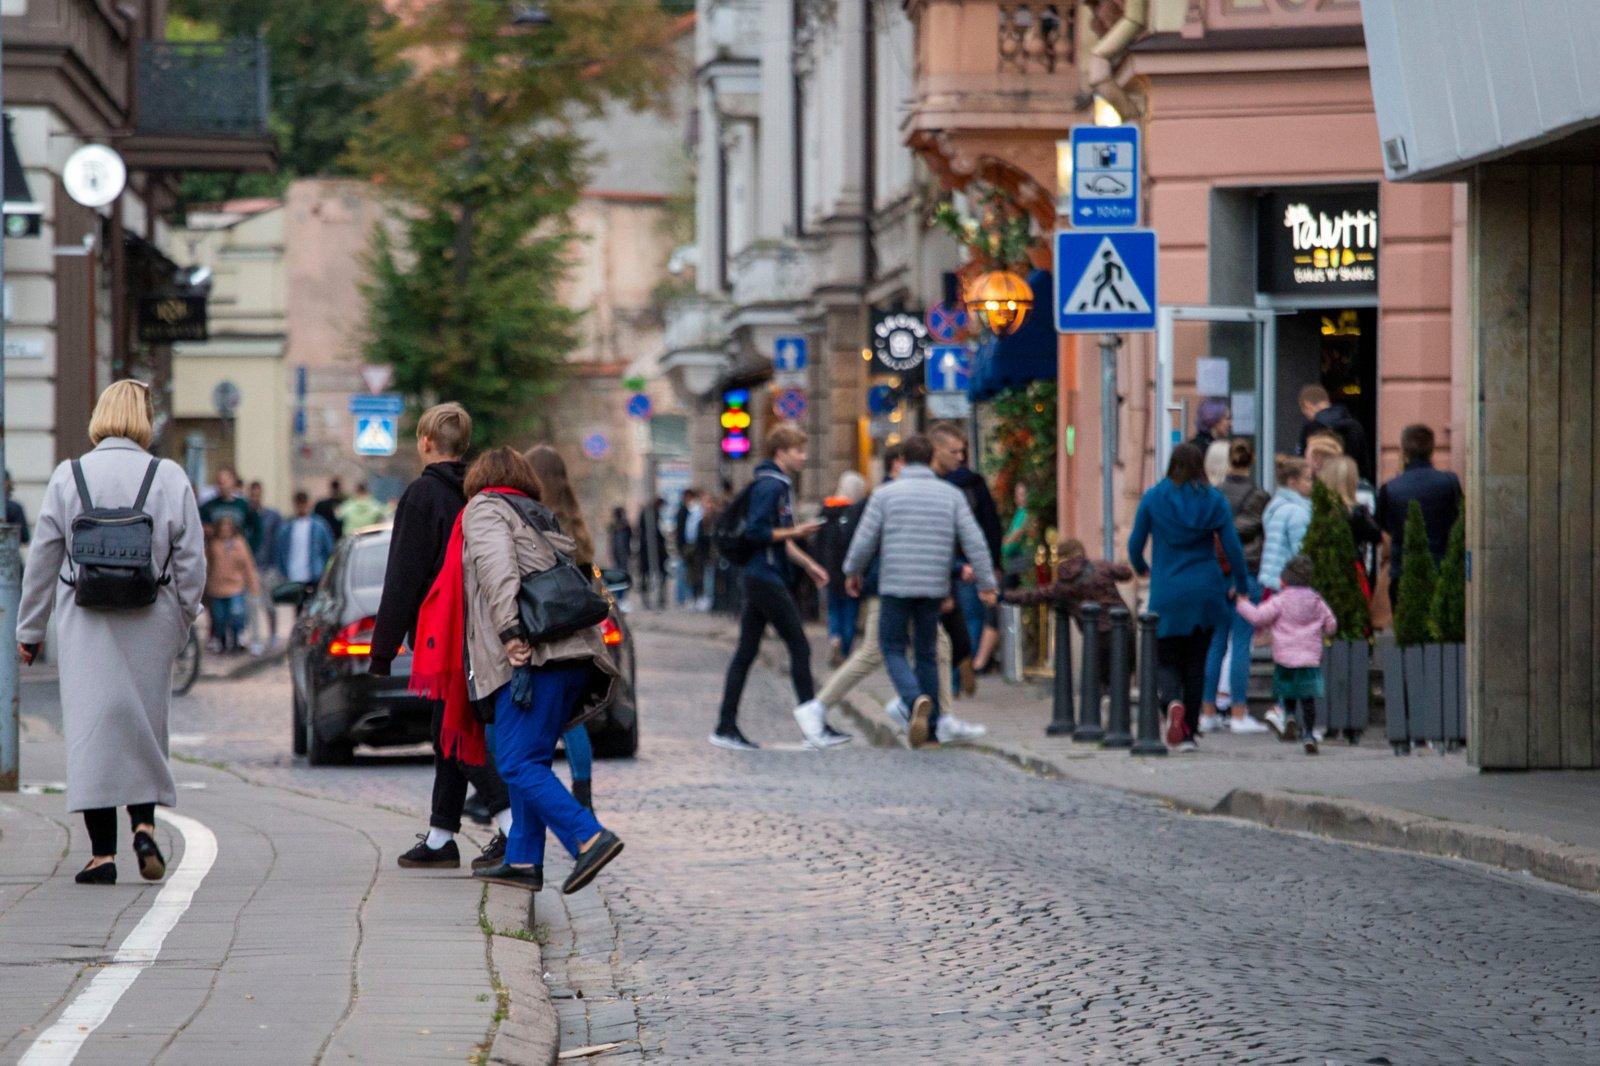 Svarbiausi pirmadienio įvykiai: pabėgę migrantai, koronaviruso situacija, įspėjimas Lietuvai